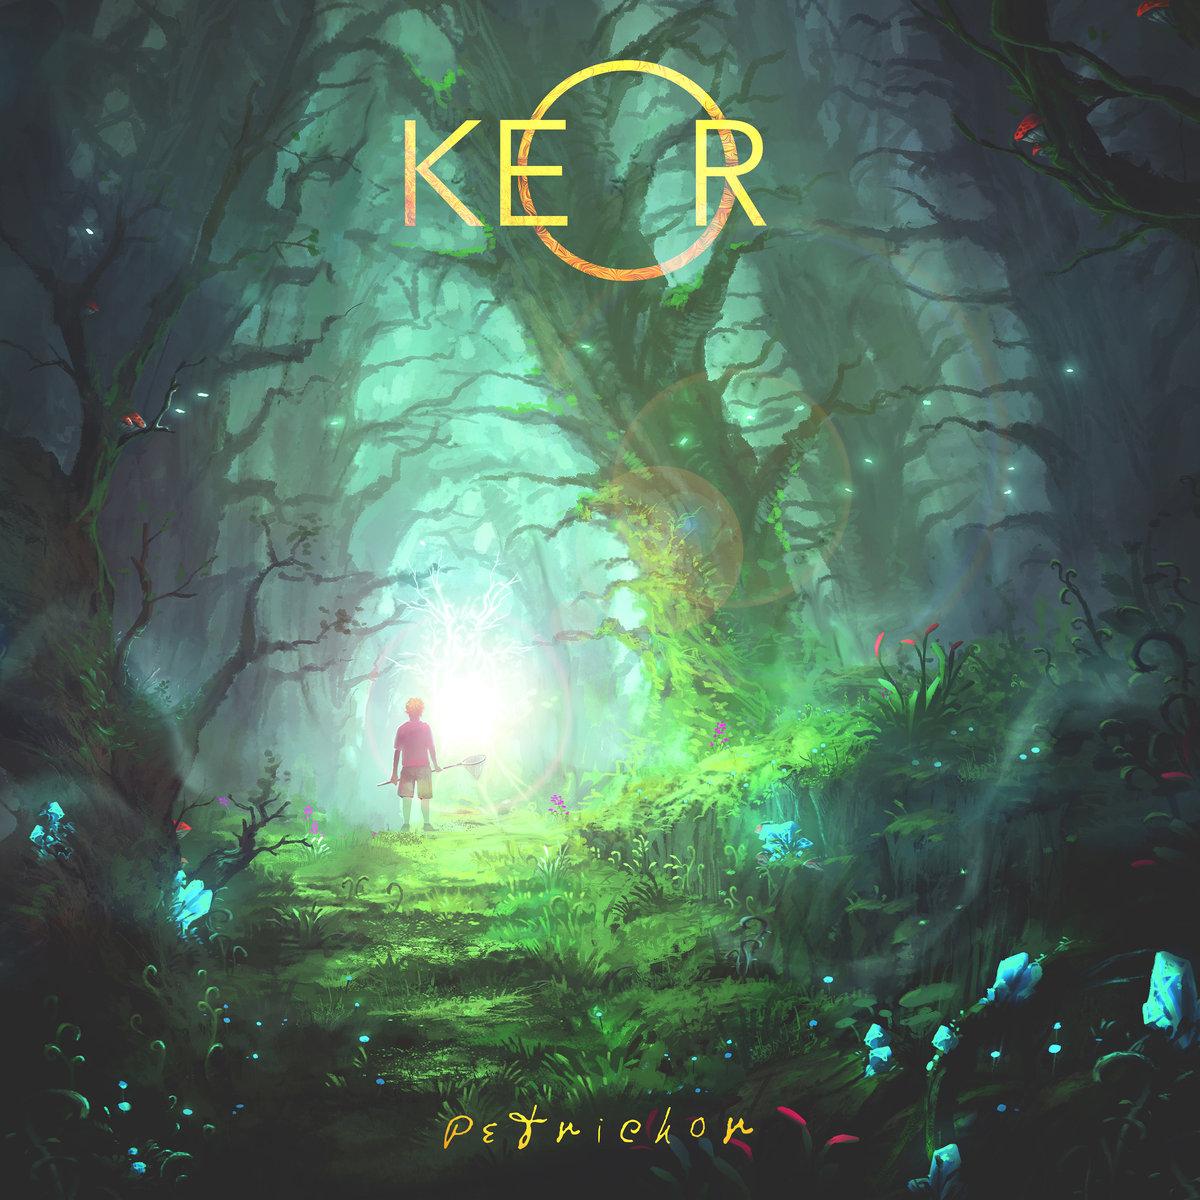 WFA: Keor